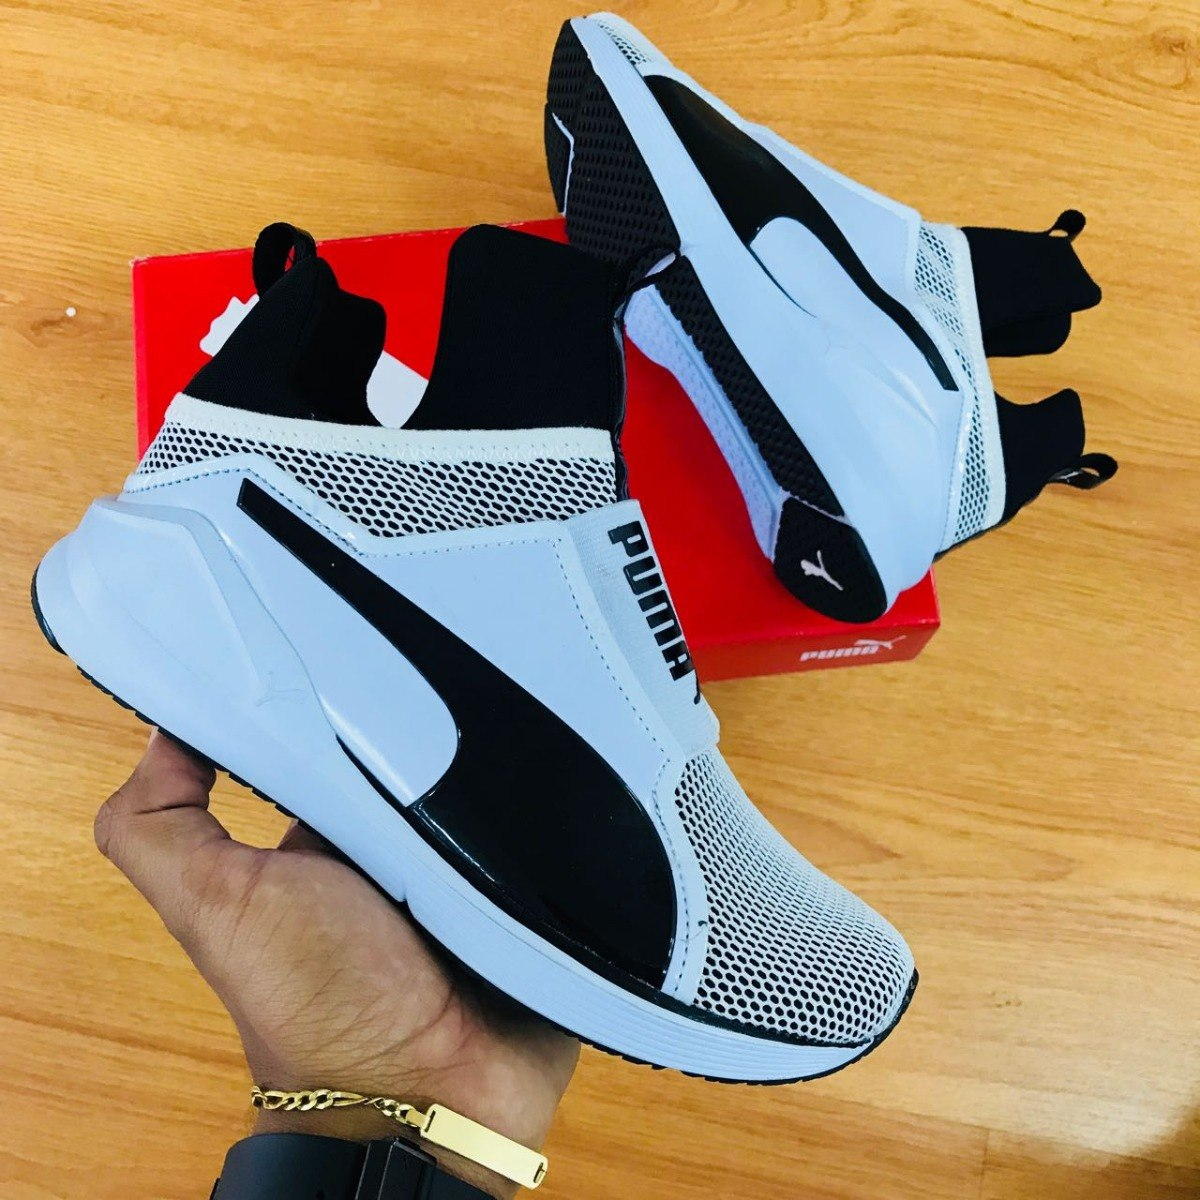 2ca6800d8 Tenis,botas Puma Para Hombre - $ 225.000 en Mercado Libre